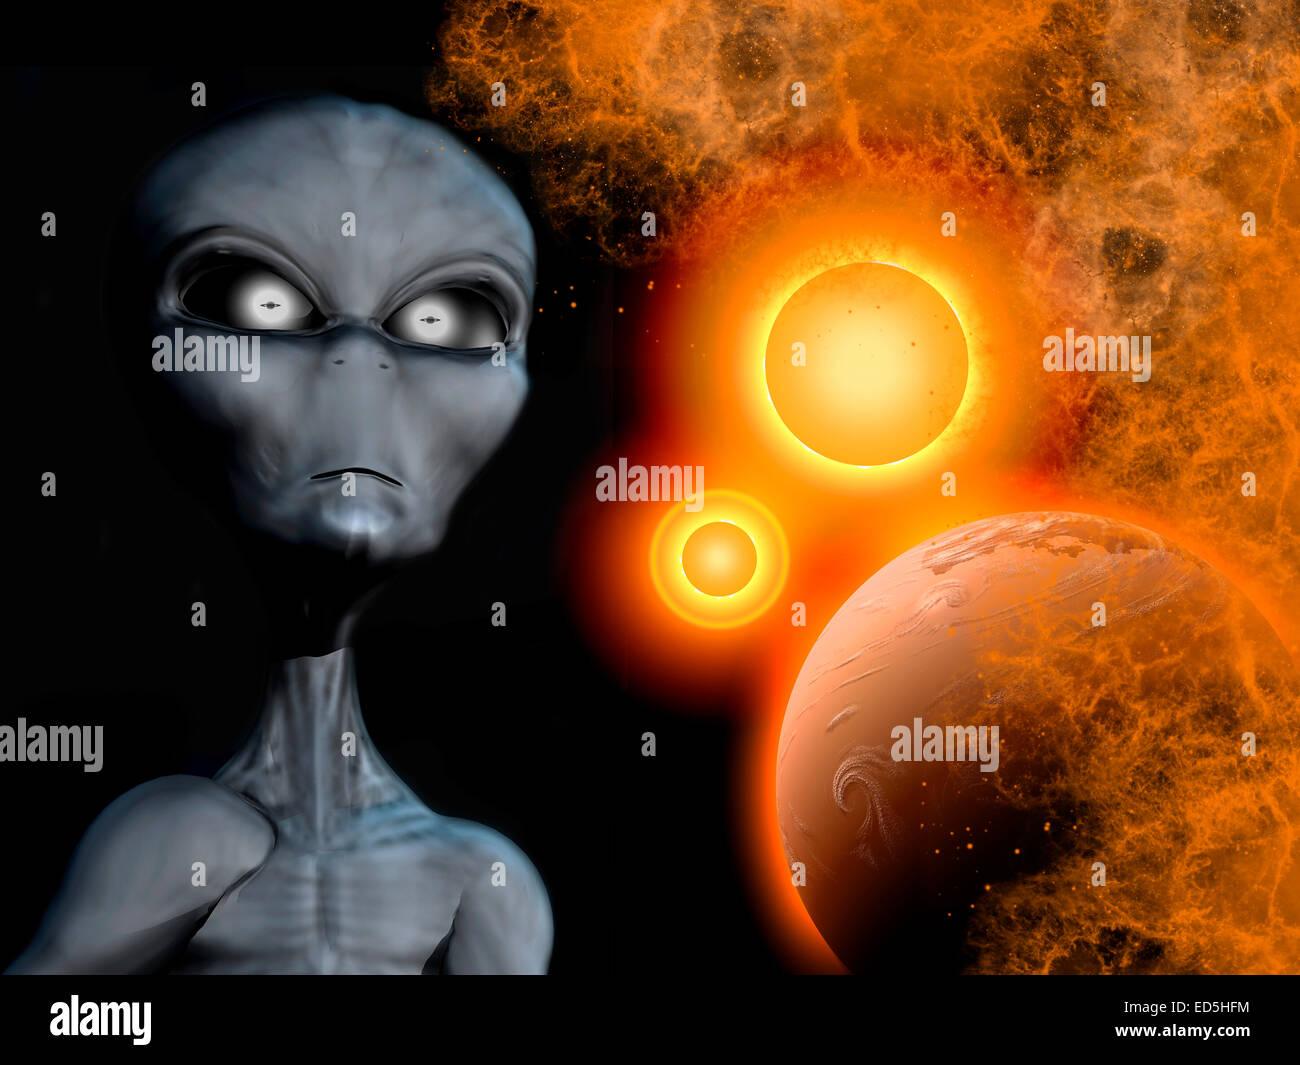 Alien Abduction Stock Photos & Alien Abduction Stock Images